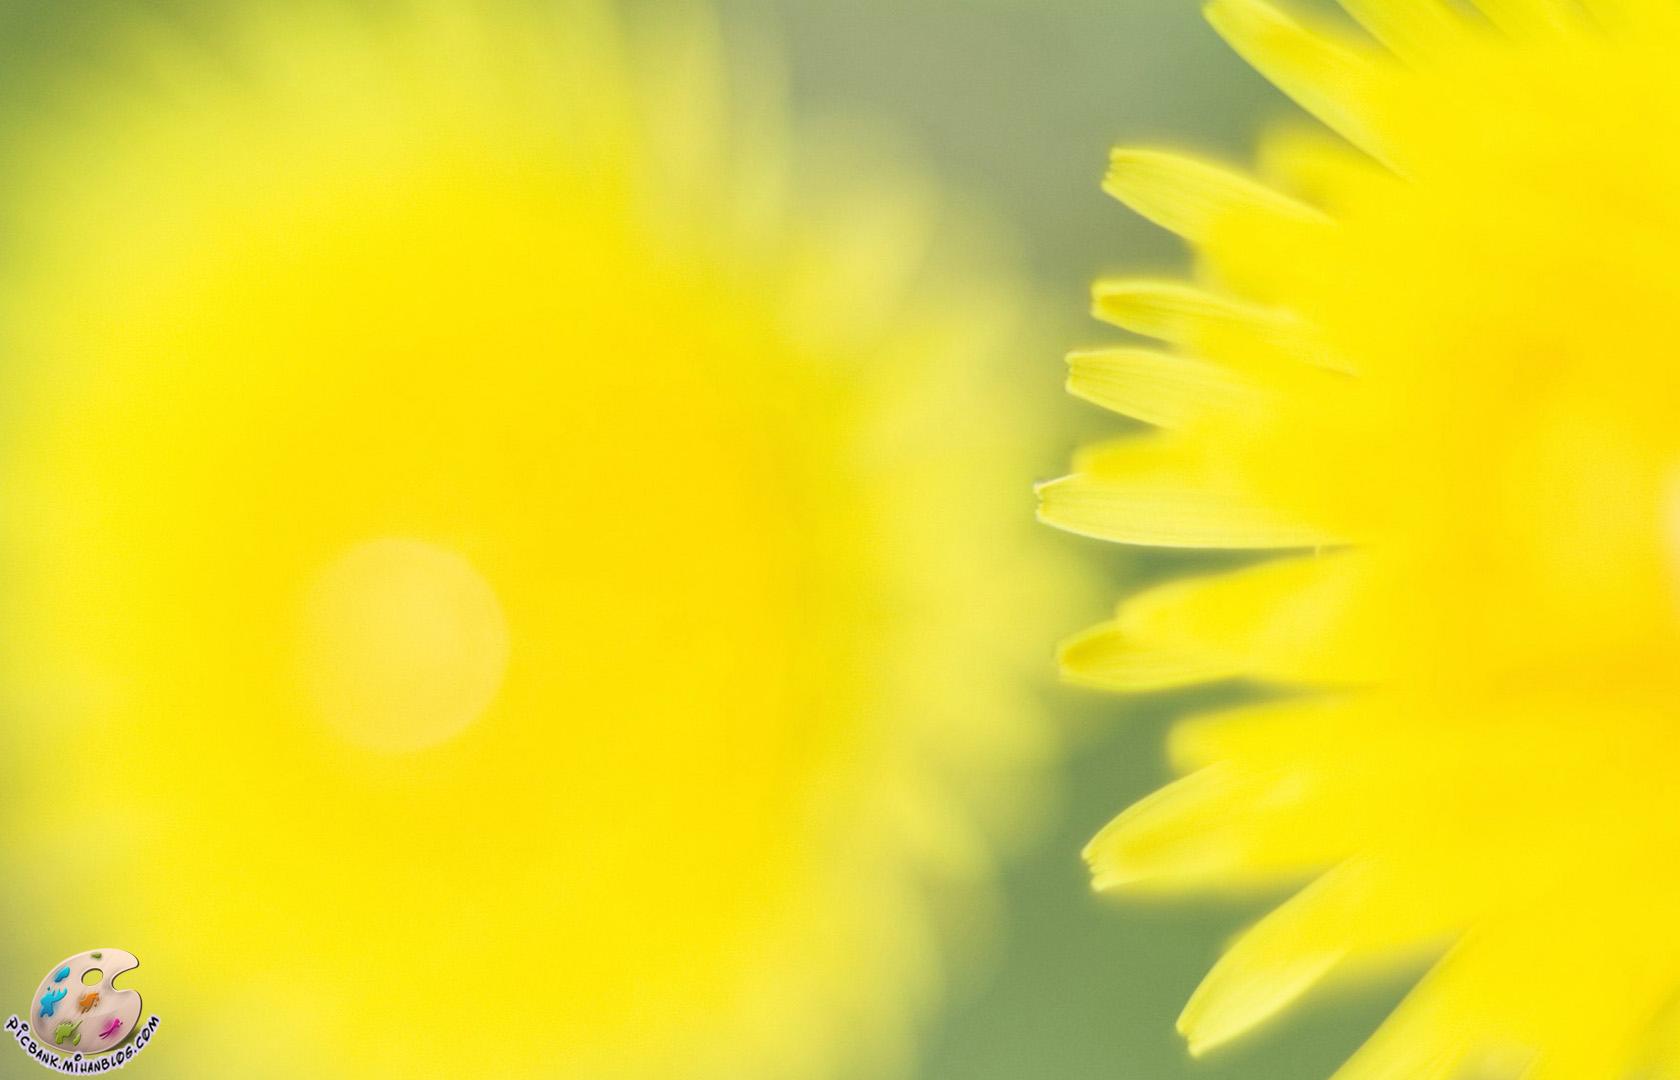 عکس ، عکسهای زیبا ، عکس های زیبا ، عکس باکیفیت ، عکس با کیفیت ، عکسهای باکیفیت ، گل ، عکس گل ، عکسهای گل ، گل و گیاه ، عکس گل و گیاه ، عکسهای گل و گیاه ، والپیپر ، والپیپرهای زیبا ، والپیپر زیبا ، والپیپر گل ، والپیپرهای گل ، والپیپر گل و گیاه ، گلهای زیبا ، گلها ، گل های زیبا ، عکس لطیف ، عکسهای لطیف ، والپیپر لطیف ، والپیپرهای لطیف ، گلهای رنگارنگ ، گل های رنگارنگ ، عکس گلهای رنگارنگ ، گل صحرایی ، گلهای صحرایی ، بهاری ، گل های بهاری ، گلهای بهاری ، بک گراند ، بکگراند ، عکس دسکتاپ ، عکسهای دسکتاپ ، عکس بک گراند ، عکسهای بک گراند ، بک گراند کامپیوتر ، دسکتاپ کامپیوتر ،